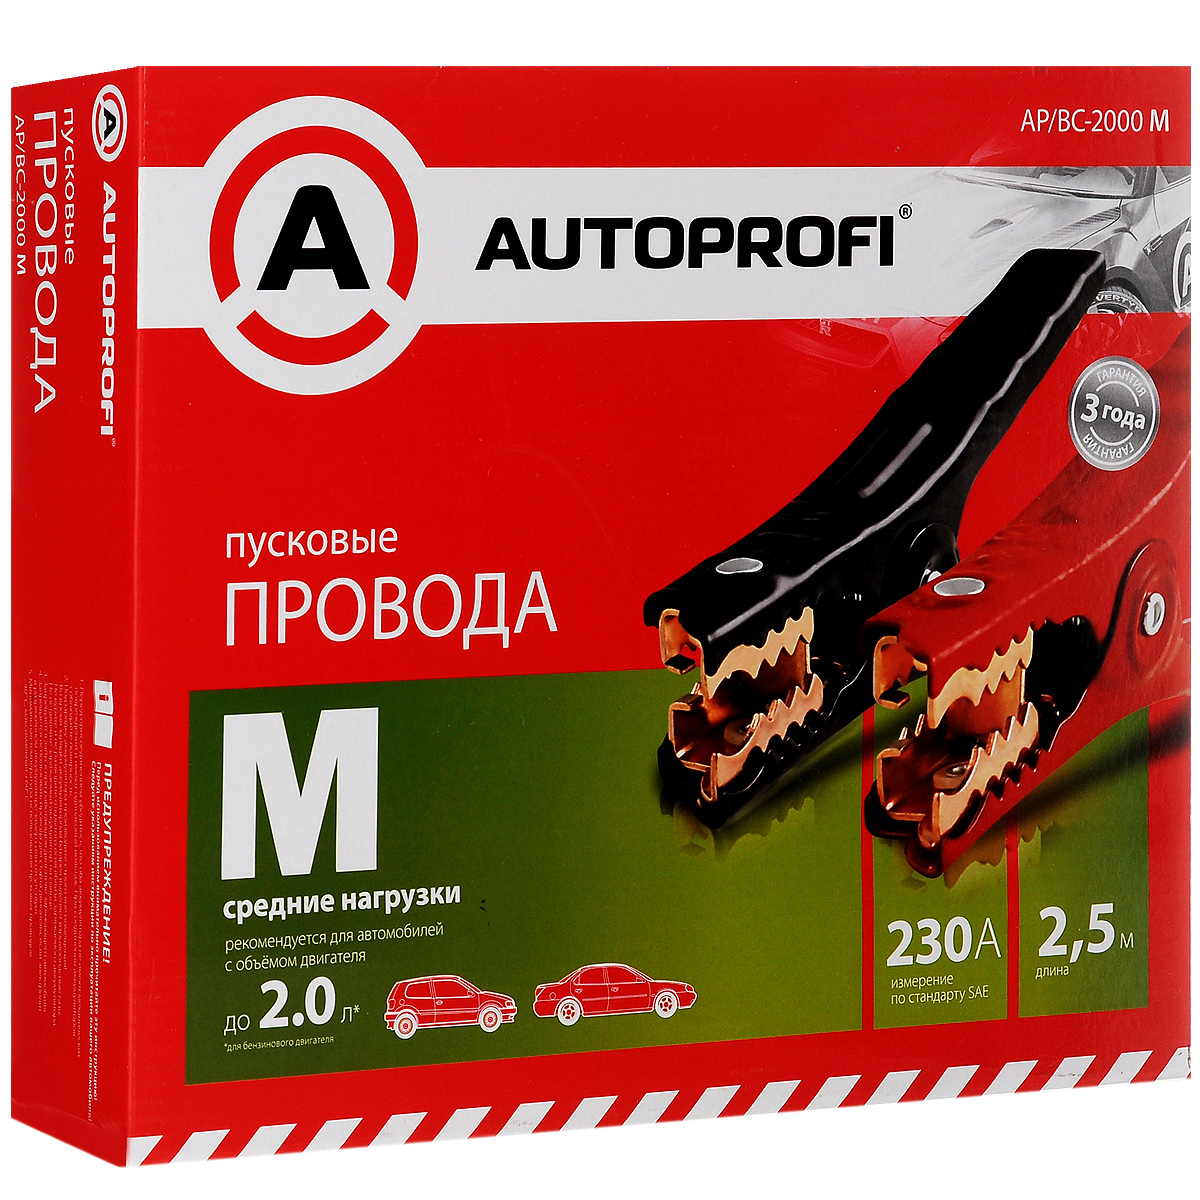 Провода пусковые Autoprofi М, средние нагрузки, 8,37 мм2, 230 A, 2,5 мR0003912Пусковые провода Autoprofi М сделаны по американскому стандарту SAE J1494. Это значит, что падение напряжение ни при каких условиях не превышает 2,5 В. Ручки пусковых проводов не нагреваютсядо уровня, способного навредить человеку. Технологически это достигается использованием проводов из толстой алюминиевой жилы с медным напылением, а также надежной термопластовой изоляцией.Данные провода рекомендованы для автомобилей с бензиновым двигателем объемом до 2 л.Сумка для переноски и хранения в комплекте.Ток нагрузки: 230 А.Длина провода: 2,5 м.Сечение проводника: 8,37 мм2.Диапазон рабочих температур: от -40°С до +60°С.